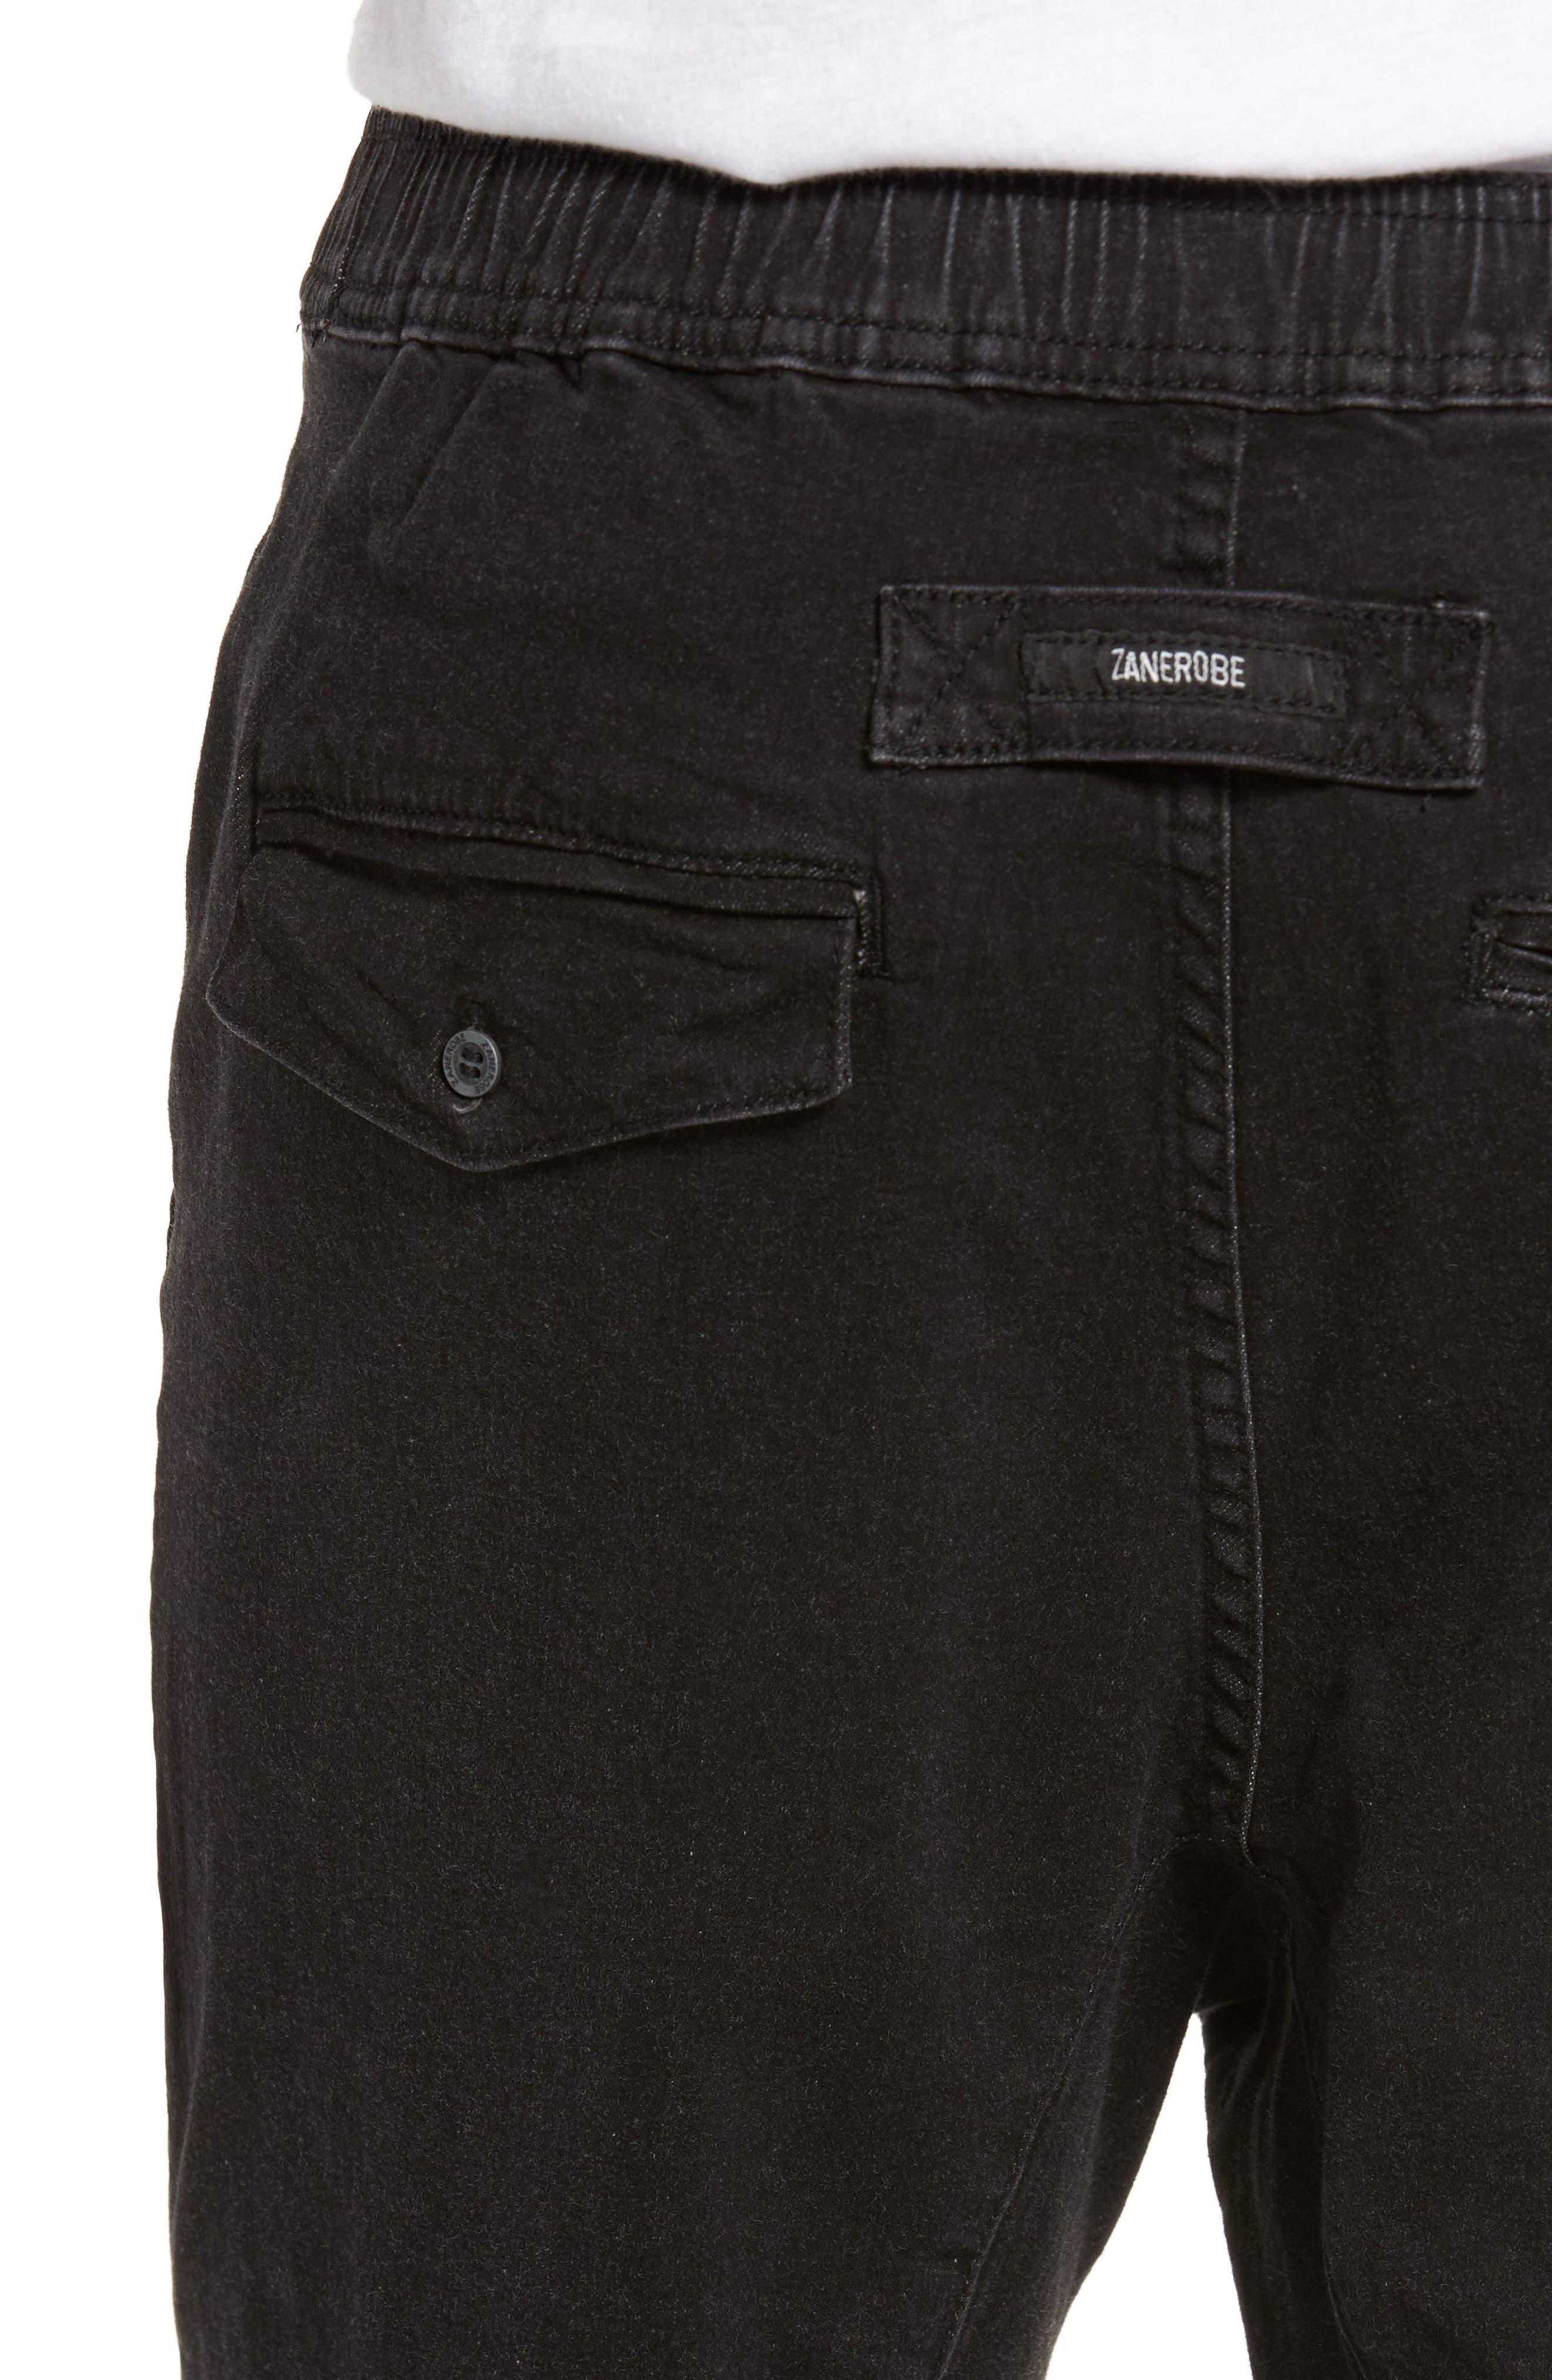 Sureshot Chino Shorts,                             Alternate thumbnail 4, color,                             BLACK WASH